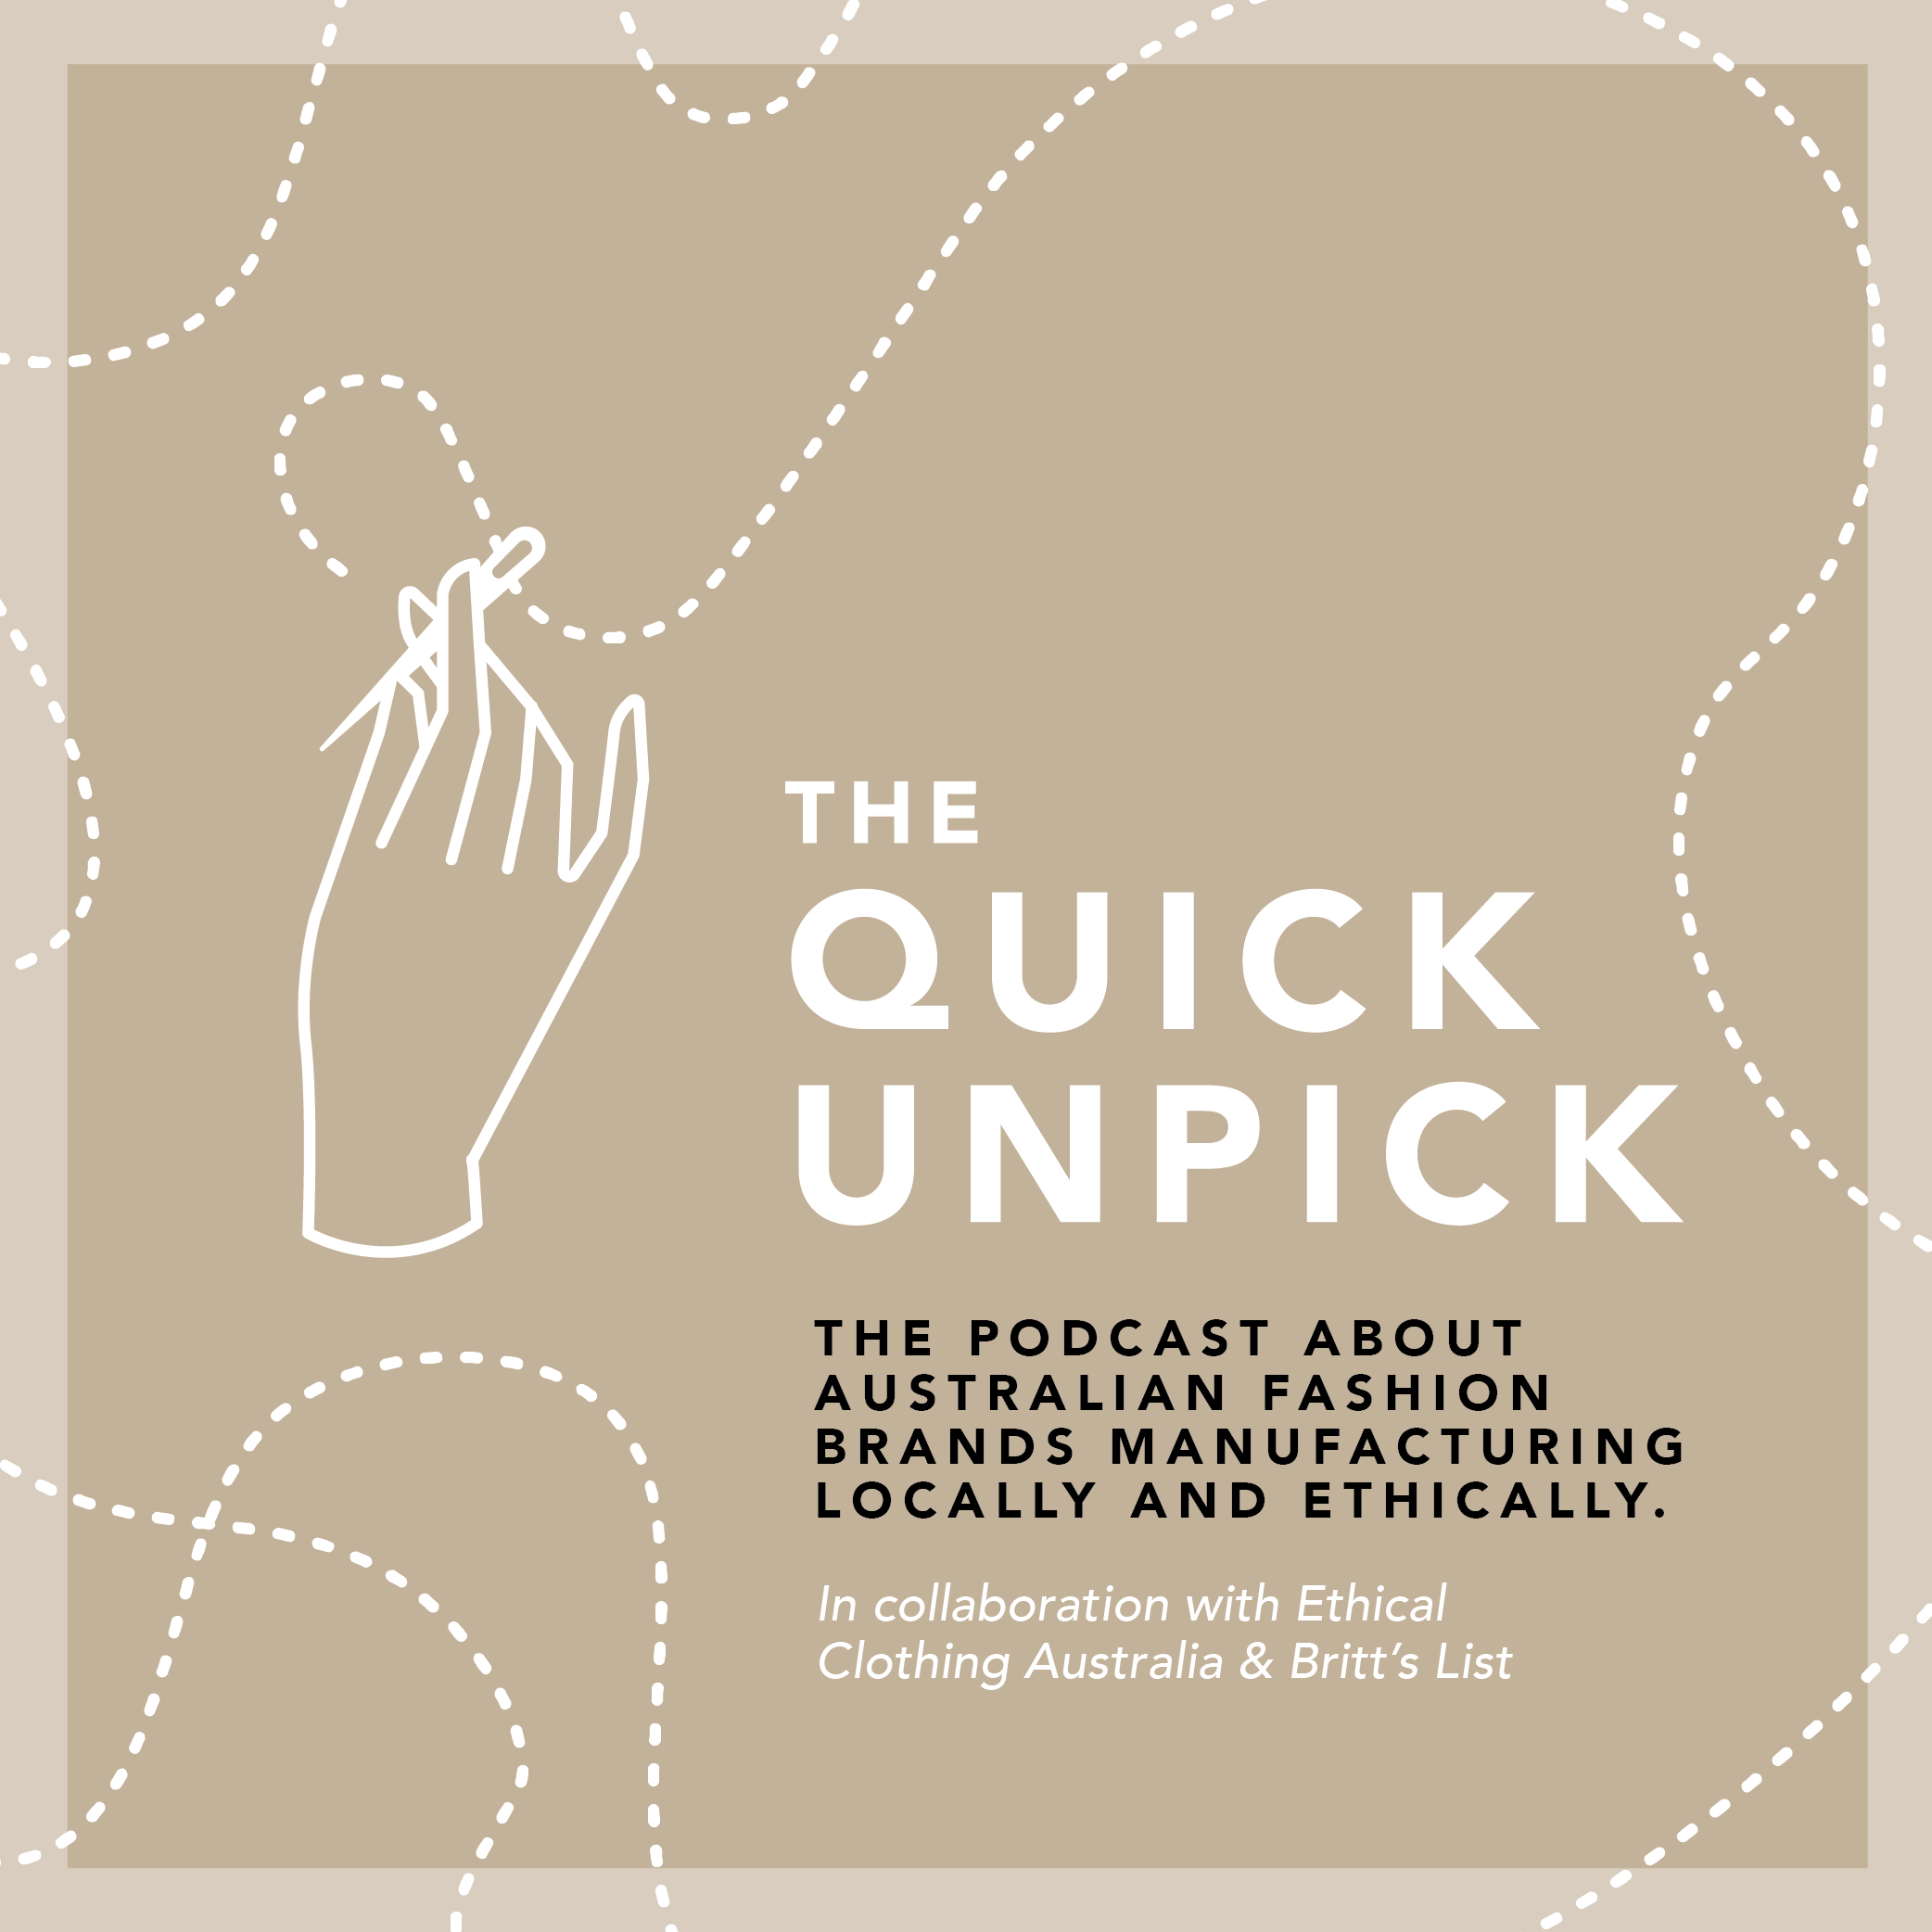 Artwork for podcast The Quick Unpick